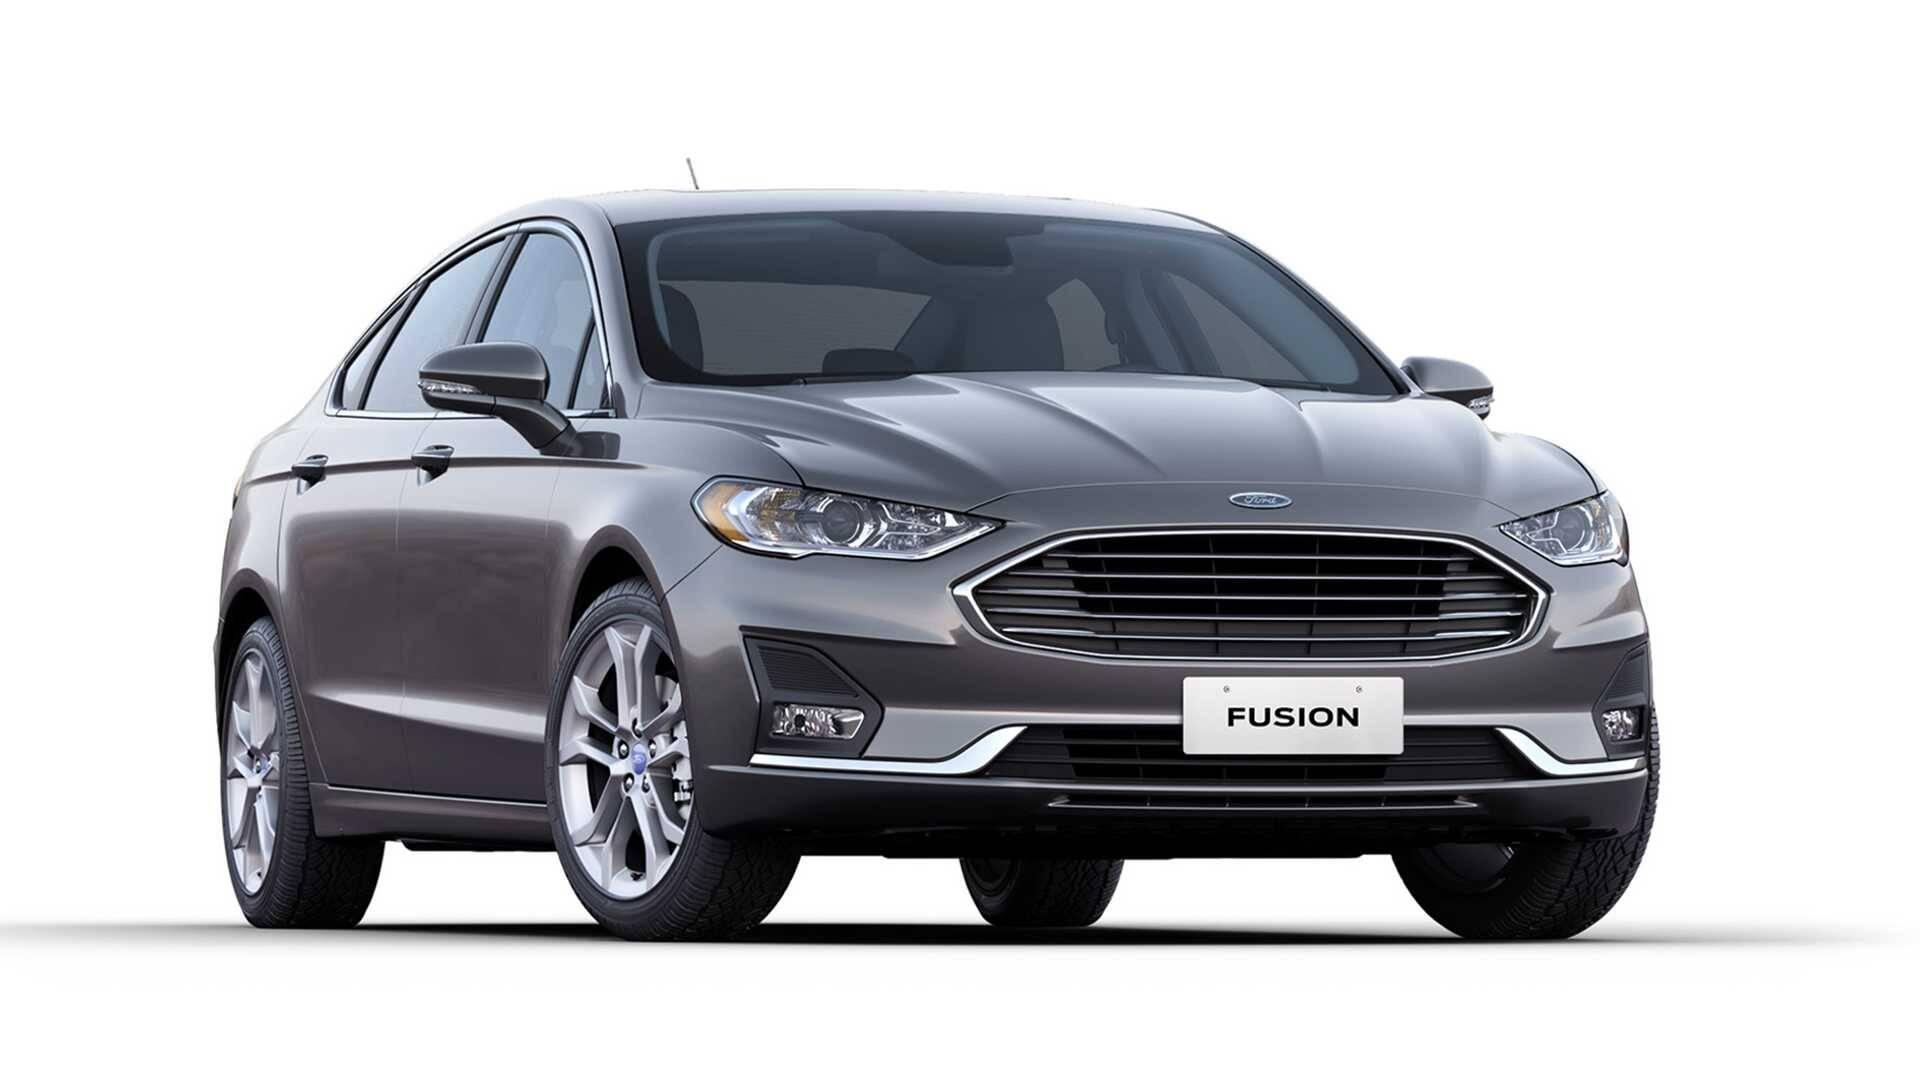 Ford Fusion. Foto: Divulgação